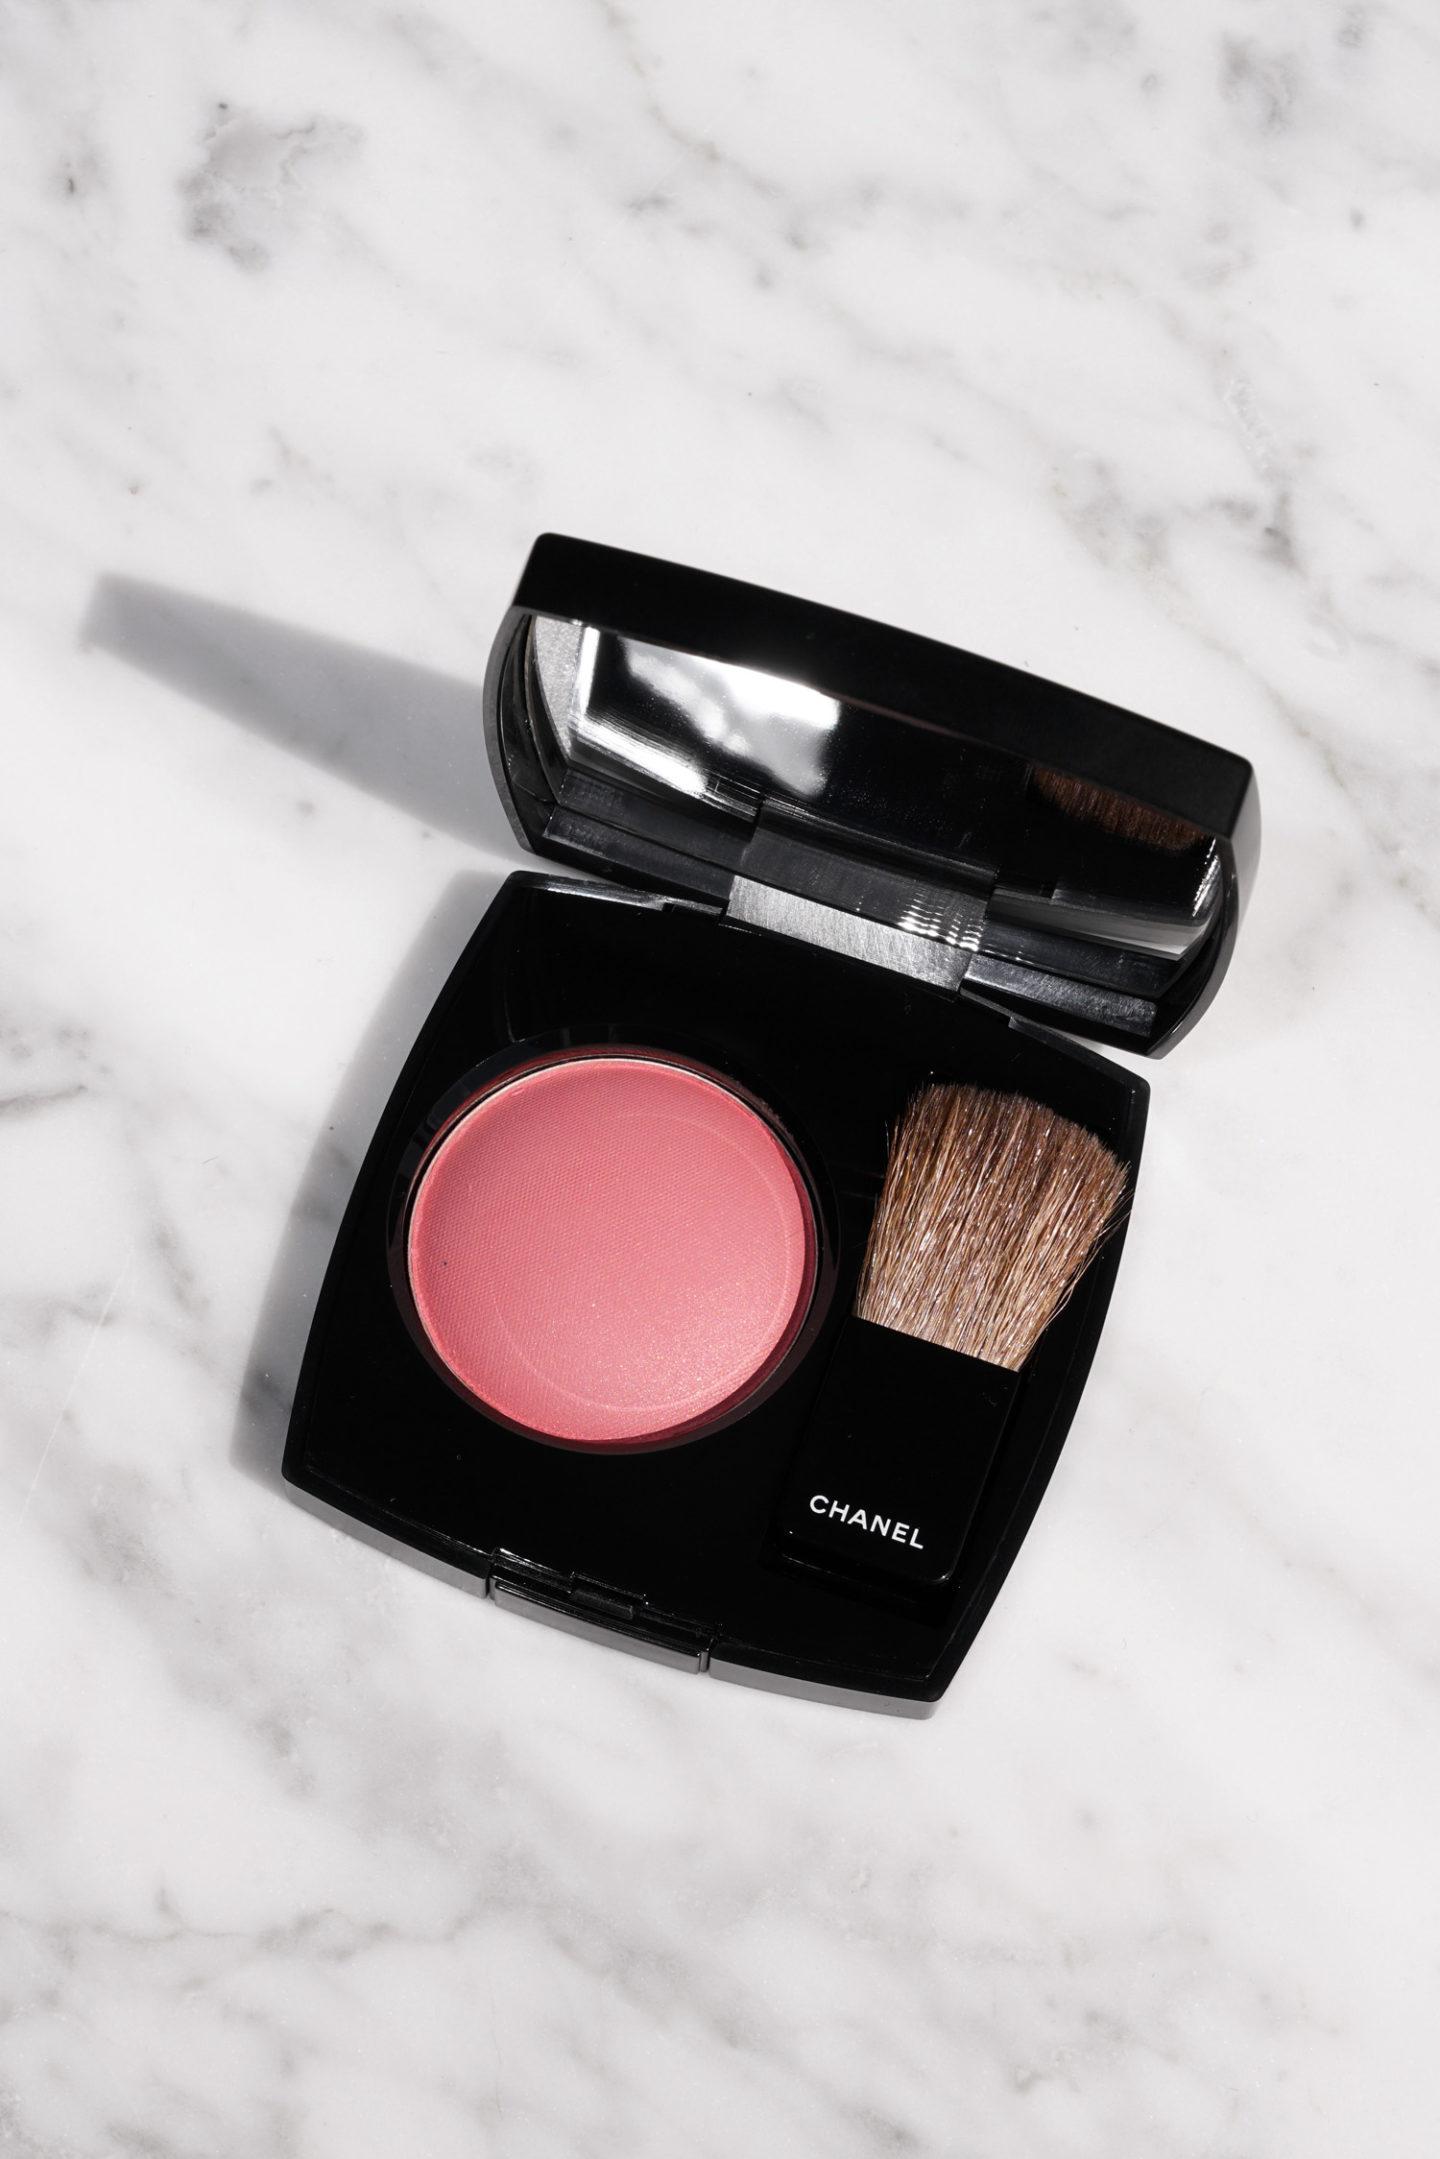 Chanel Poudre Blush Quintessence Review | Le livre de beauté